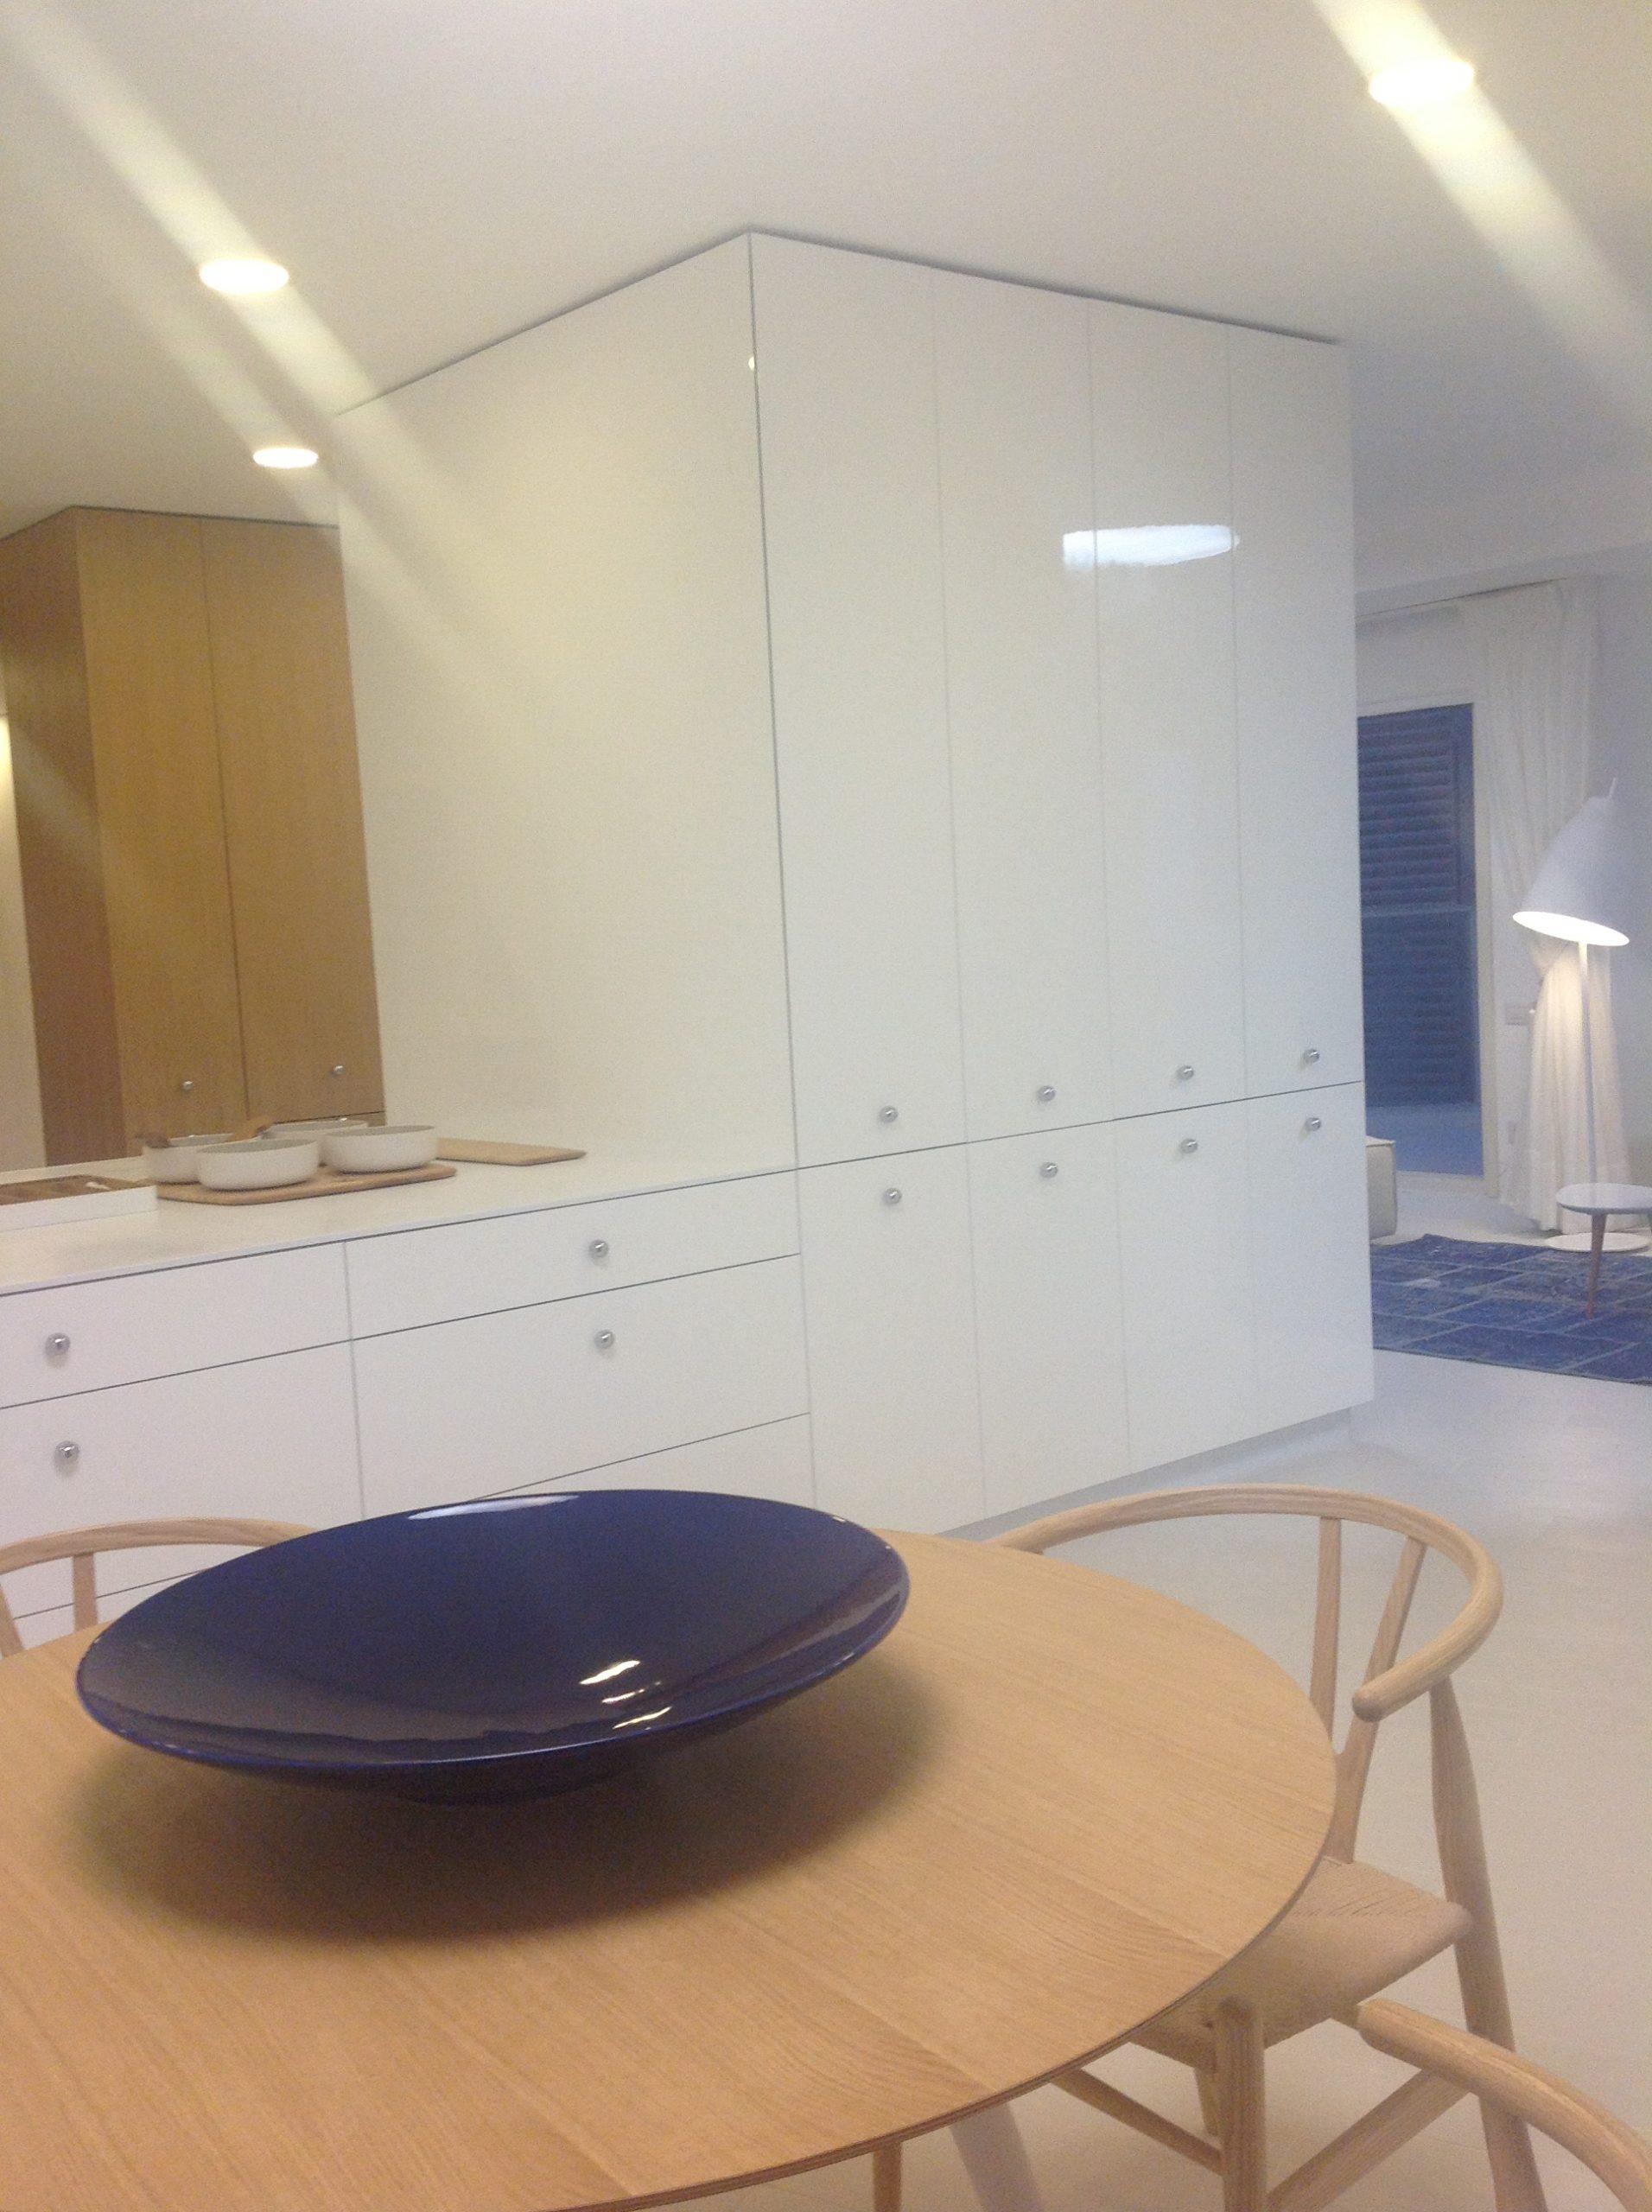 דירה כפולה בבת-ים – מבט למטבח מפינת האוכל